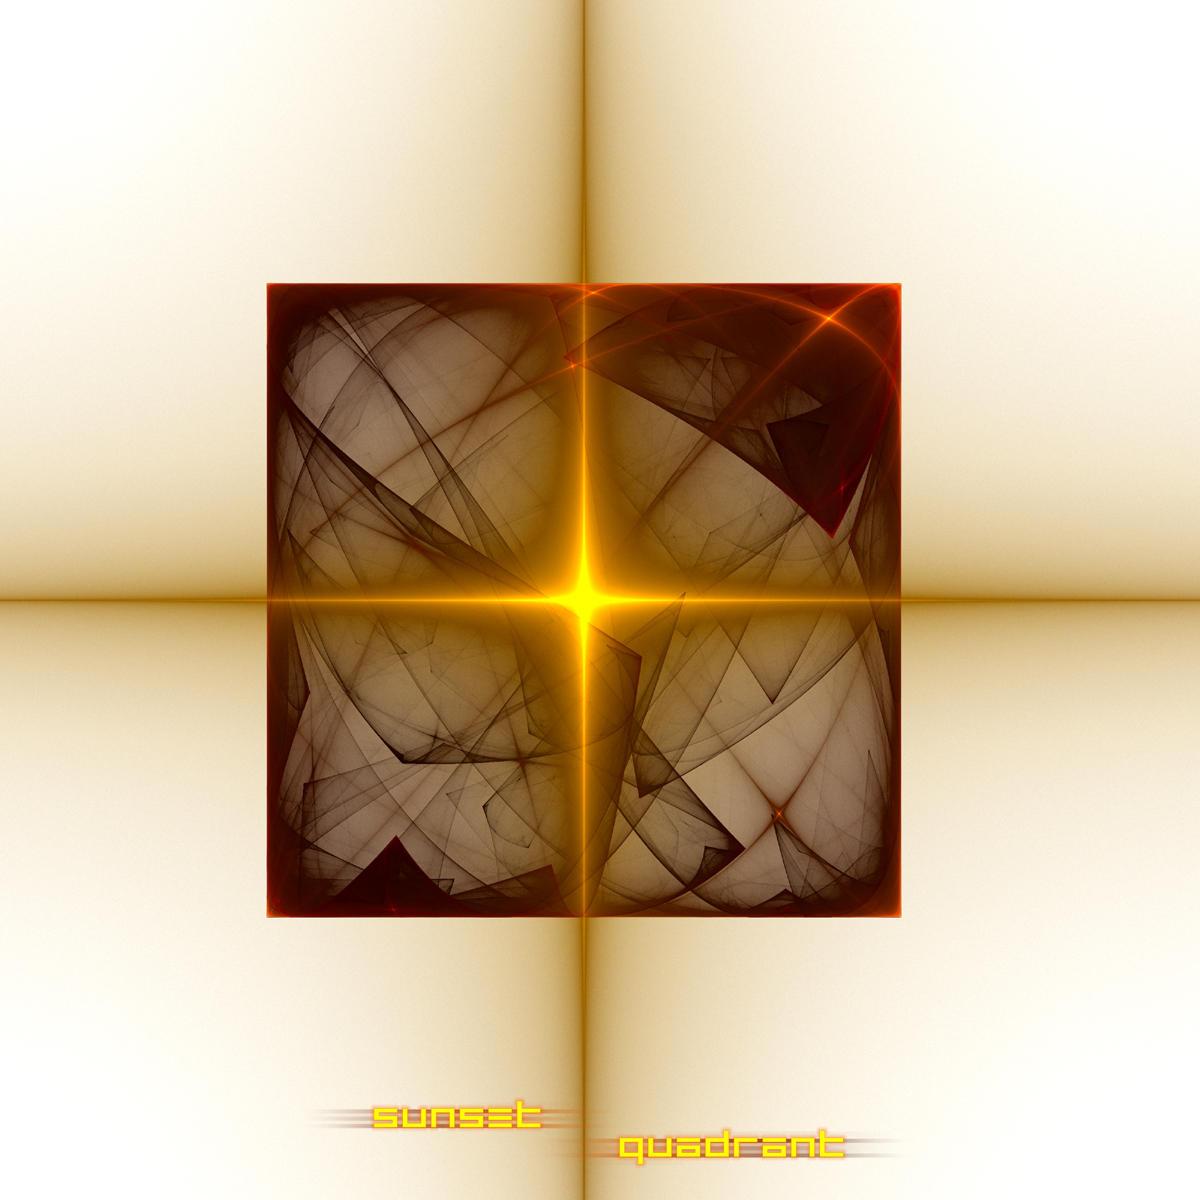 SUNSET QUADRANT by DeepChrome